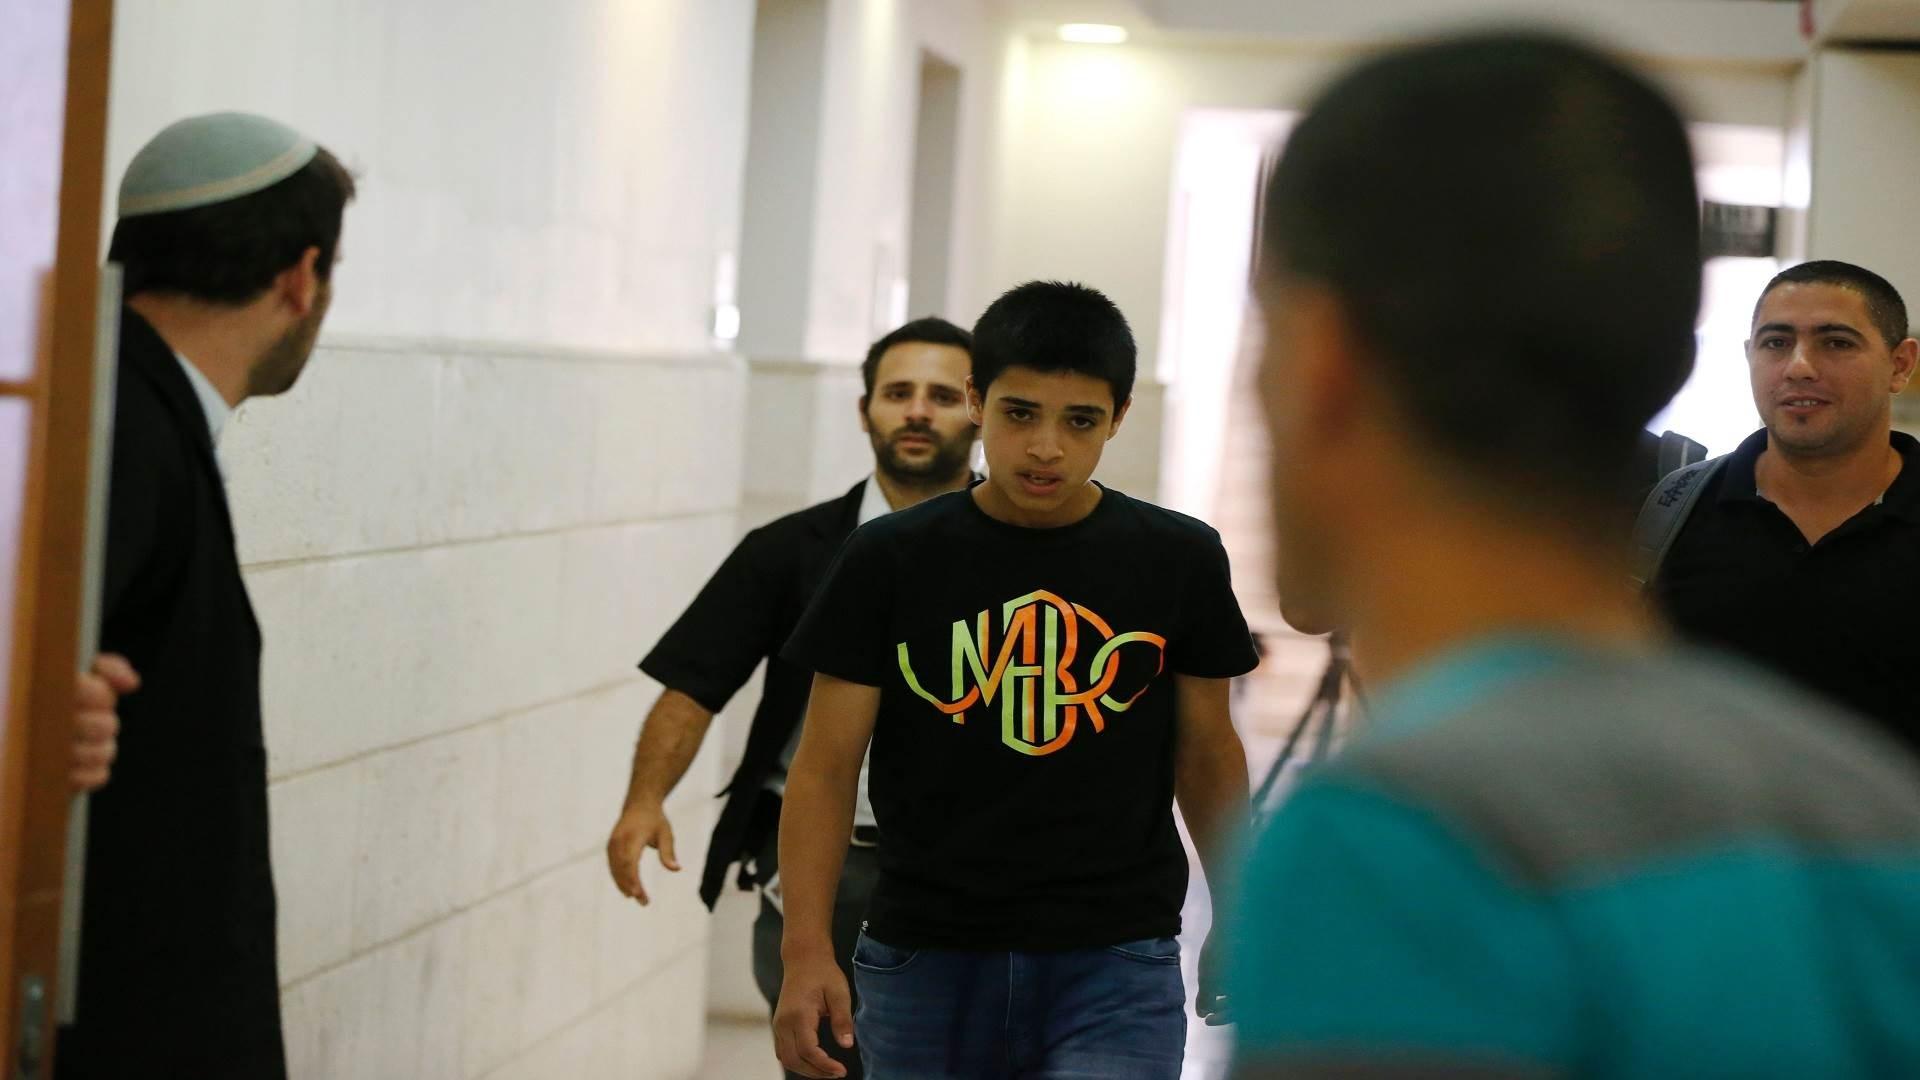 الأسير الجريح أحمد مناصرة يدخل عامه السادس في سجون الاحتلال